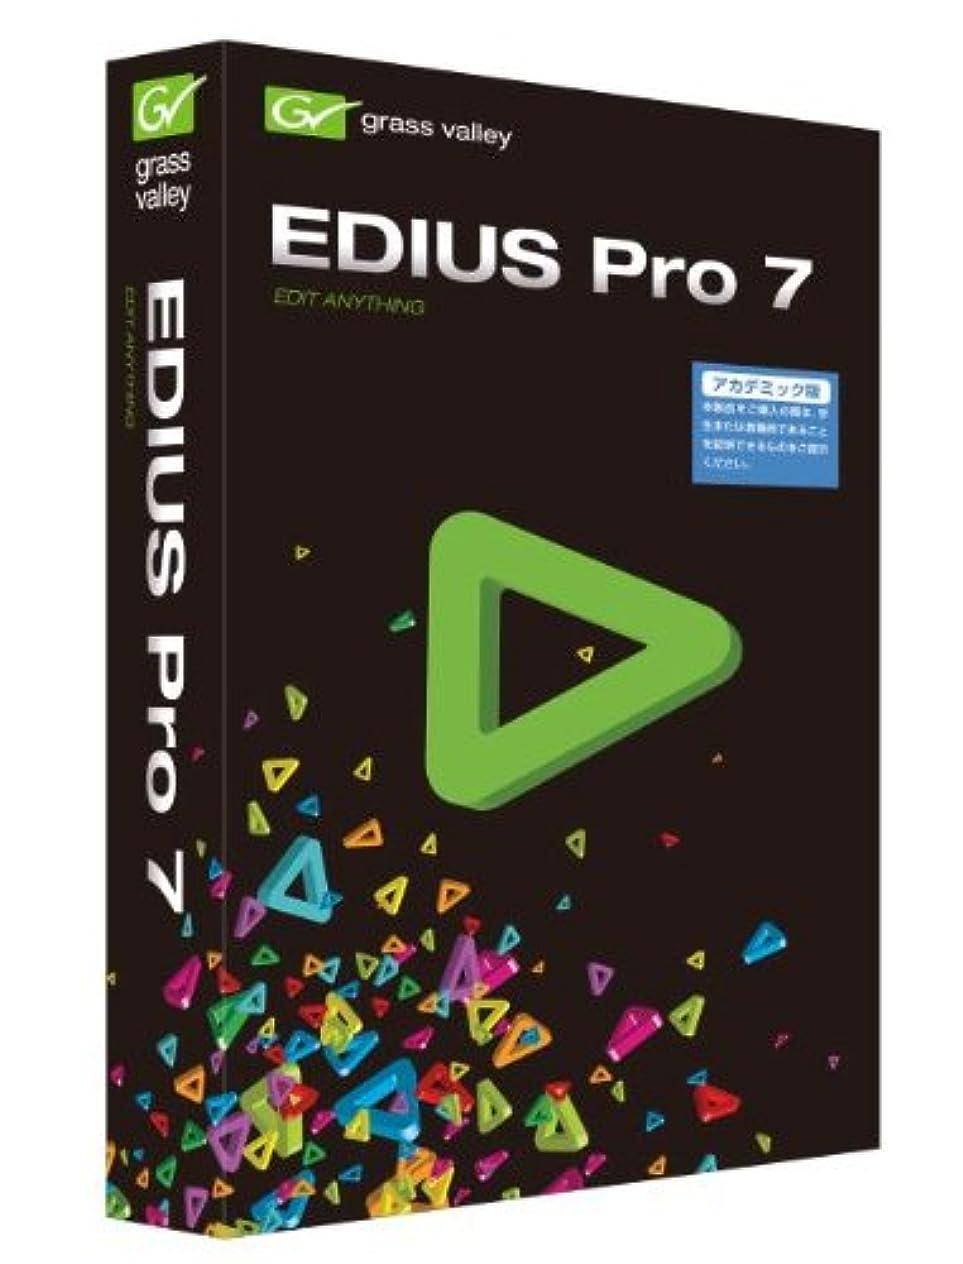 言及する洞察力のある買うグラスバレー EDIUS Pro7 アカデミック版 EPR7ーSTRーEーJP